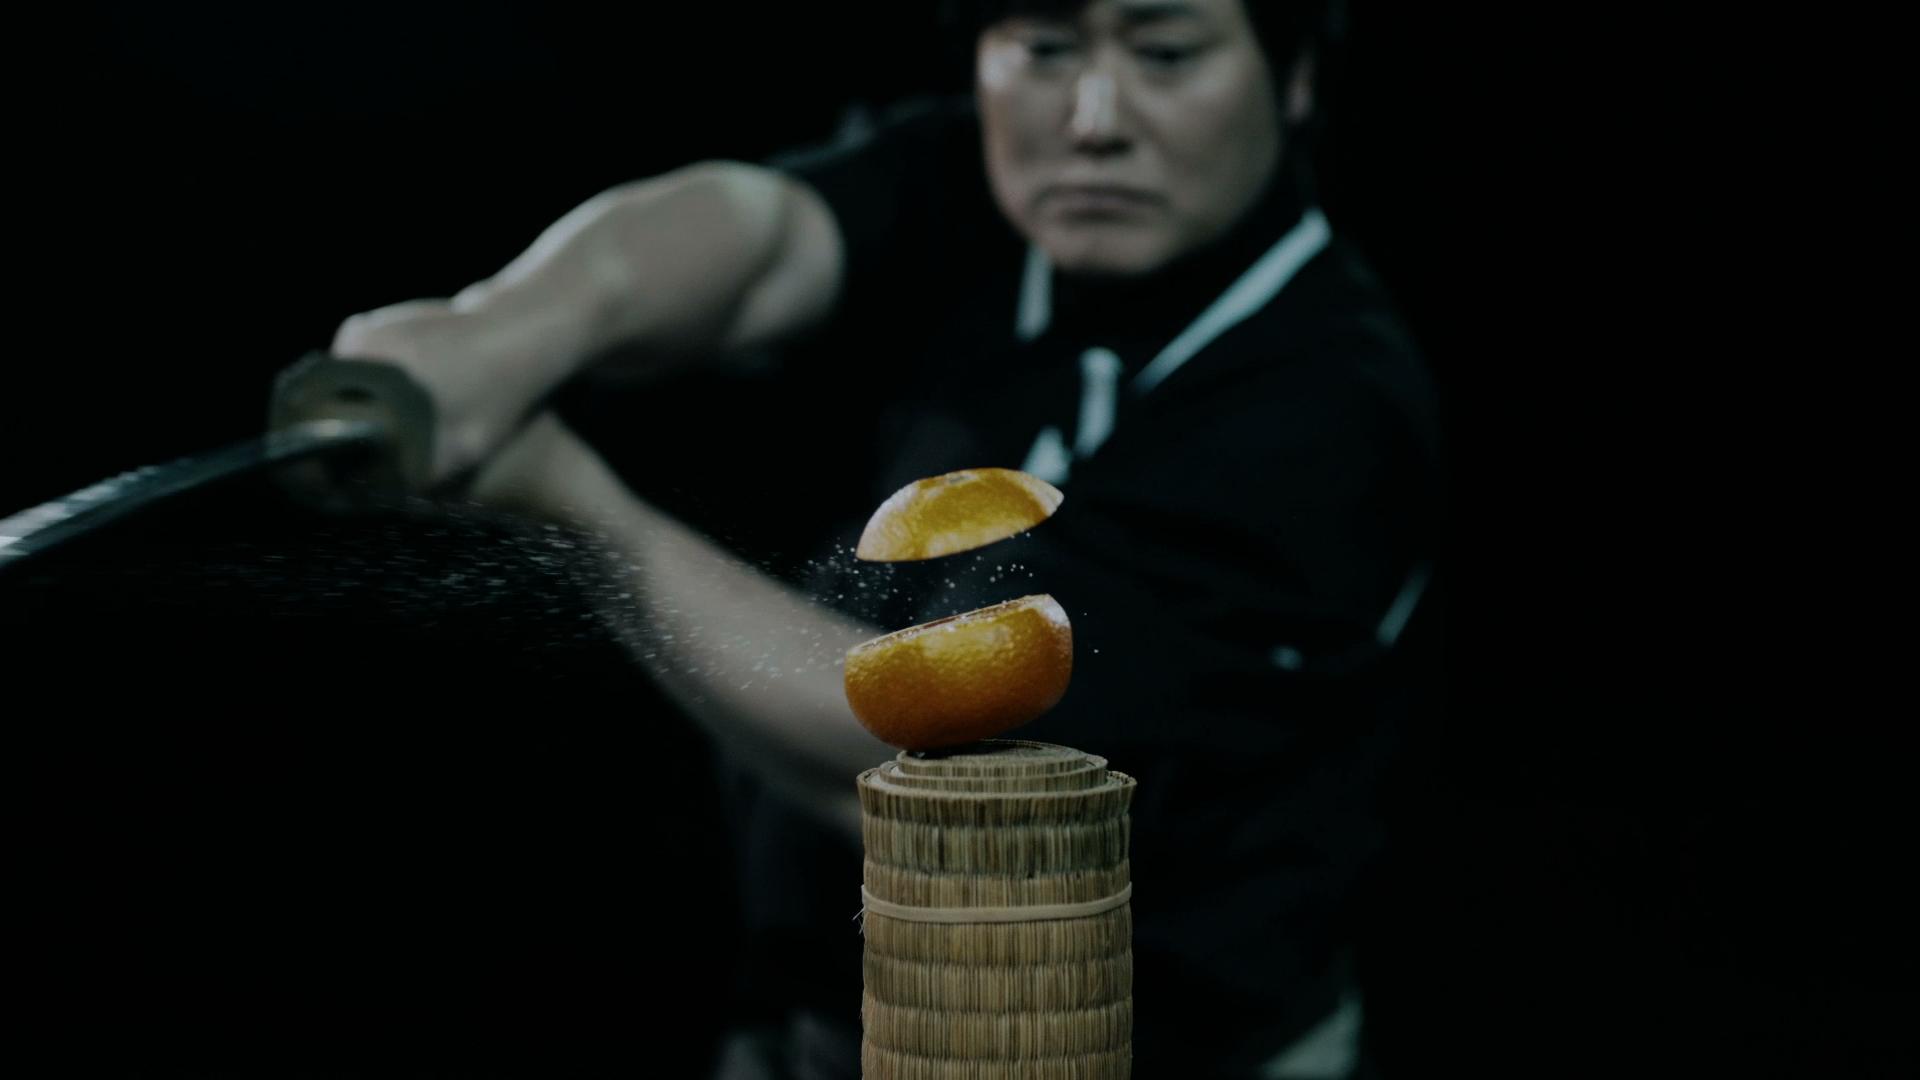 【これぞ侍の国!】安川電機・創立100周年記念『YASKAWA BUSHIDO PROJECT』がカッコよすぎる!